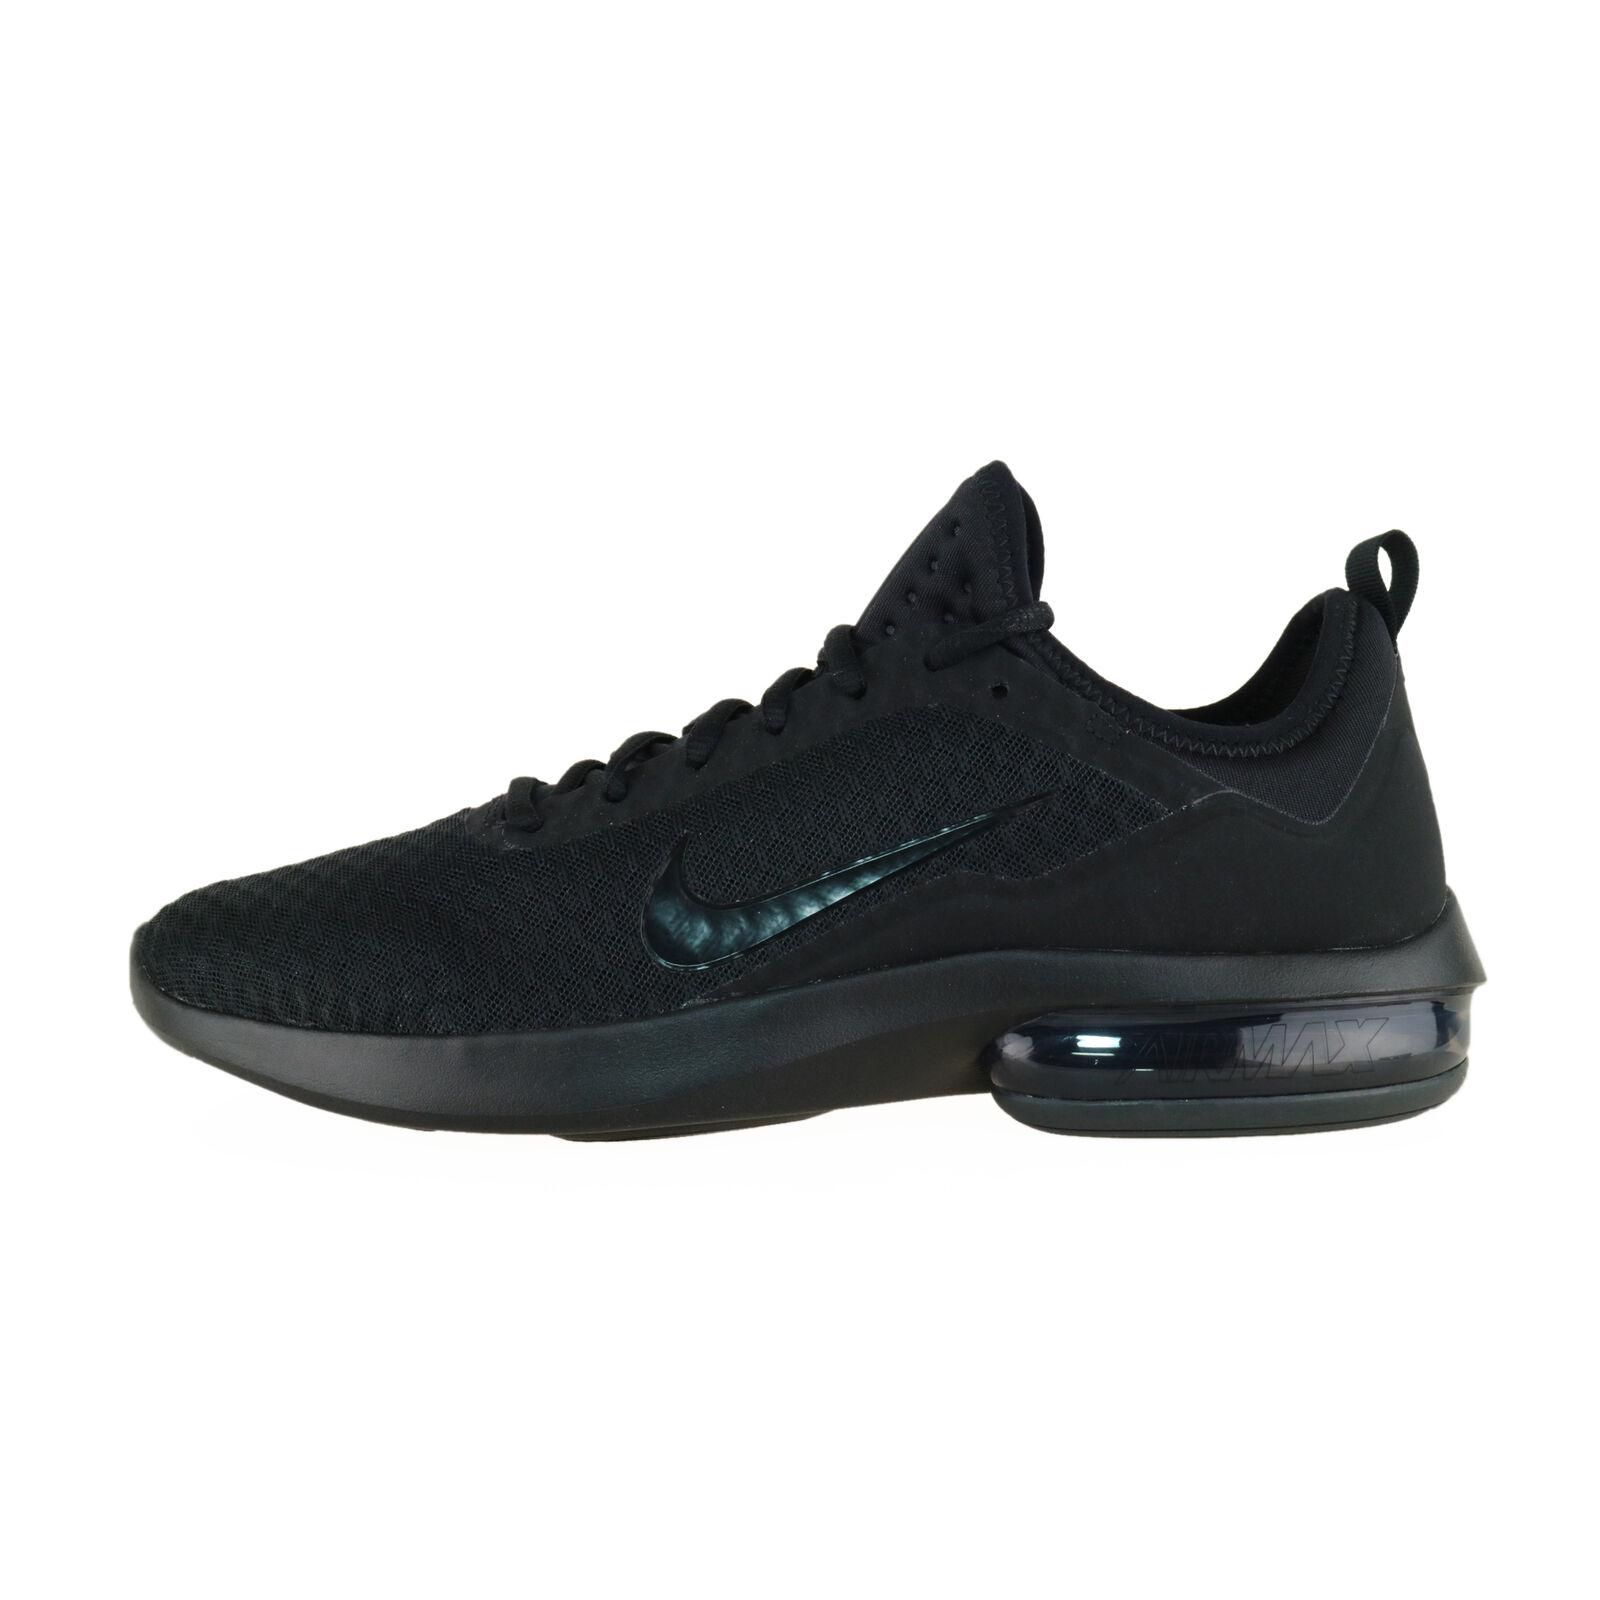 Nike Air Max Kantara black 908982-002